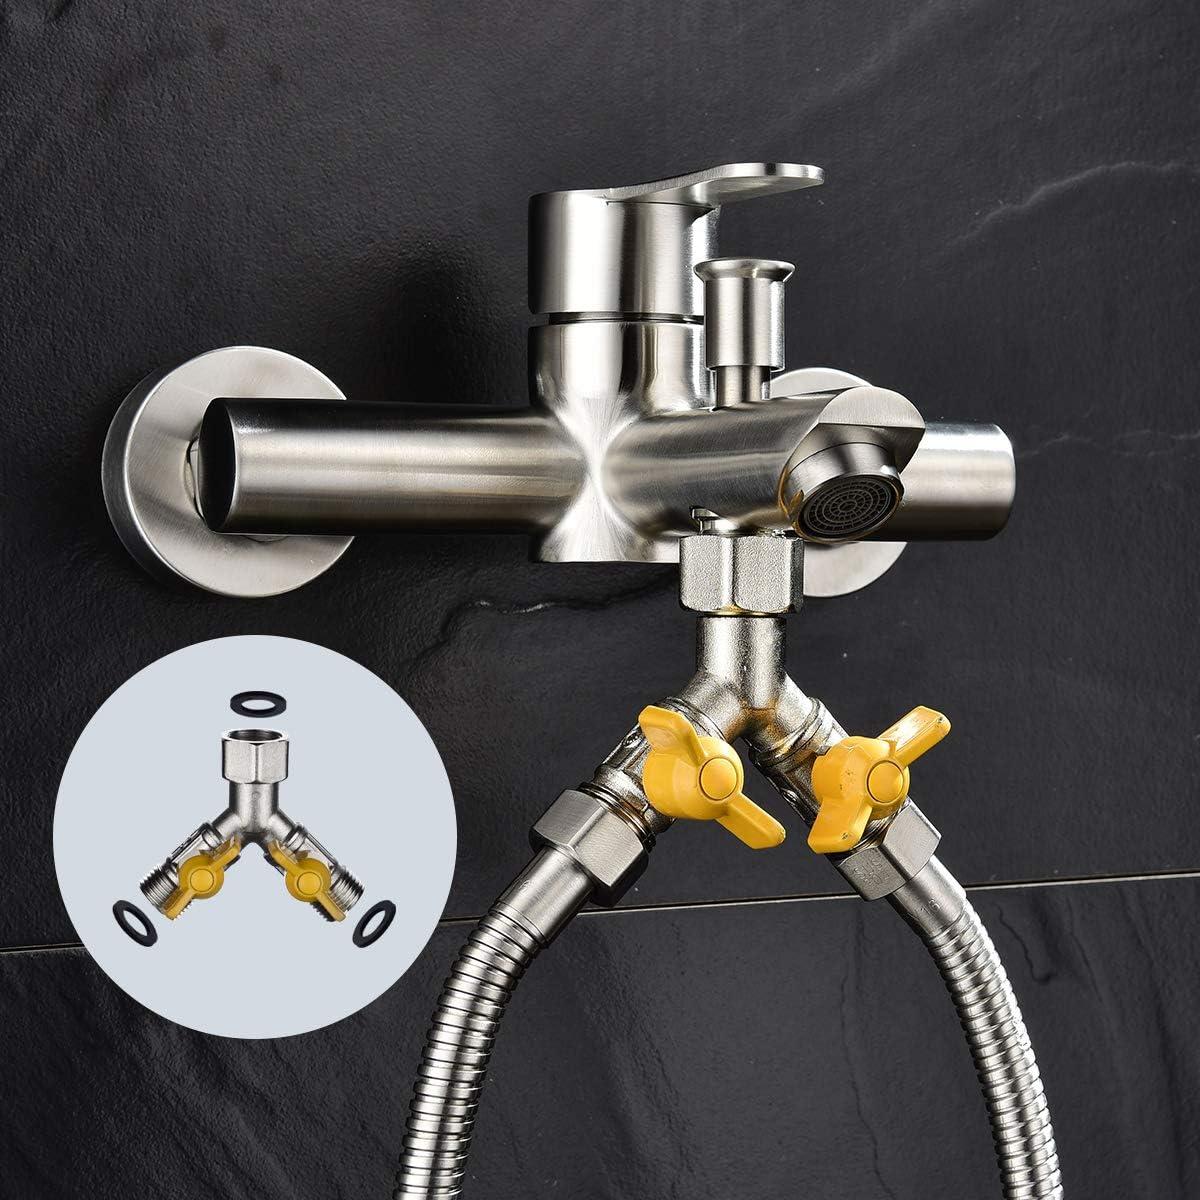 CIENCIA Lot de 3/voies Vanne STUECK G 1//2/en laiton Adaptateur pour tuyau de douche Vanne darr/êt Nickel bross/é